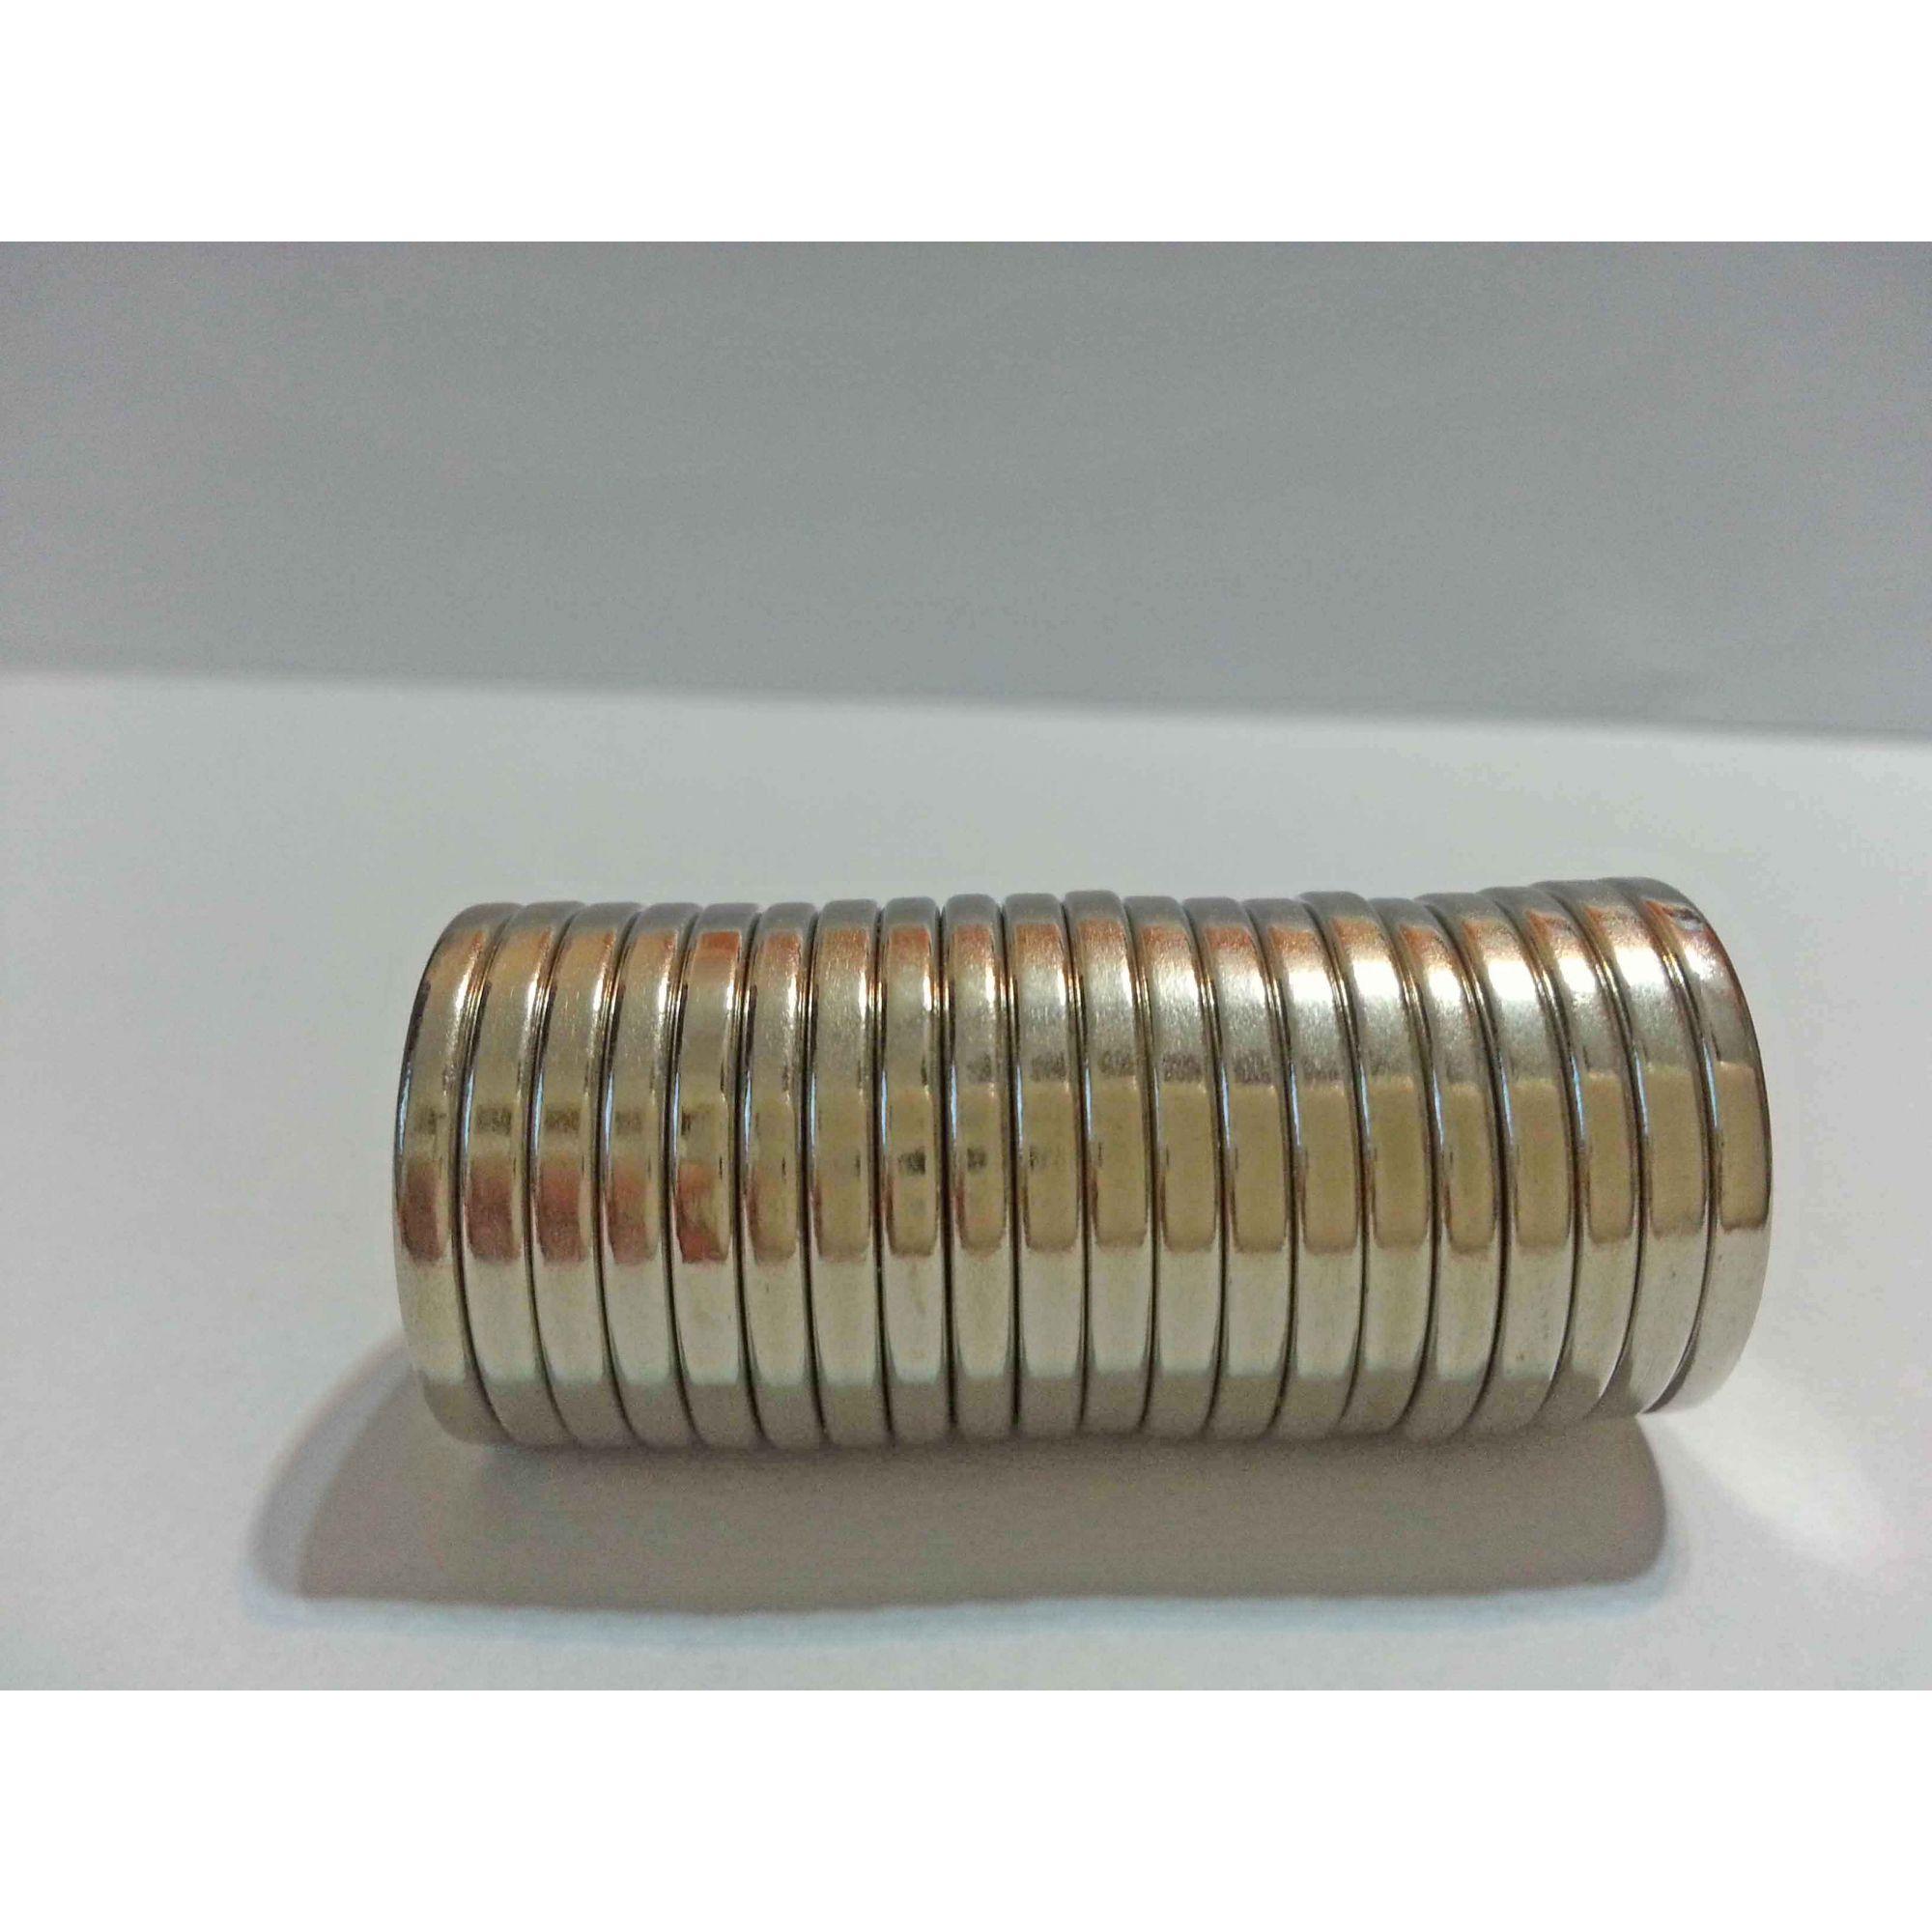 imã de neodímio 18mm x 2mm - 200 peças